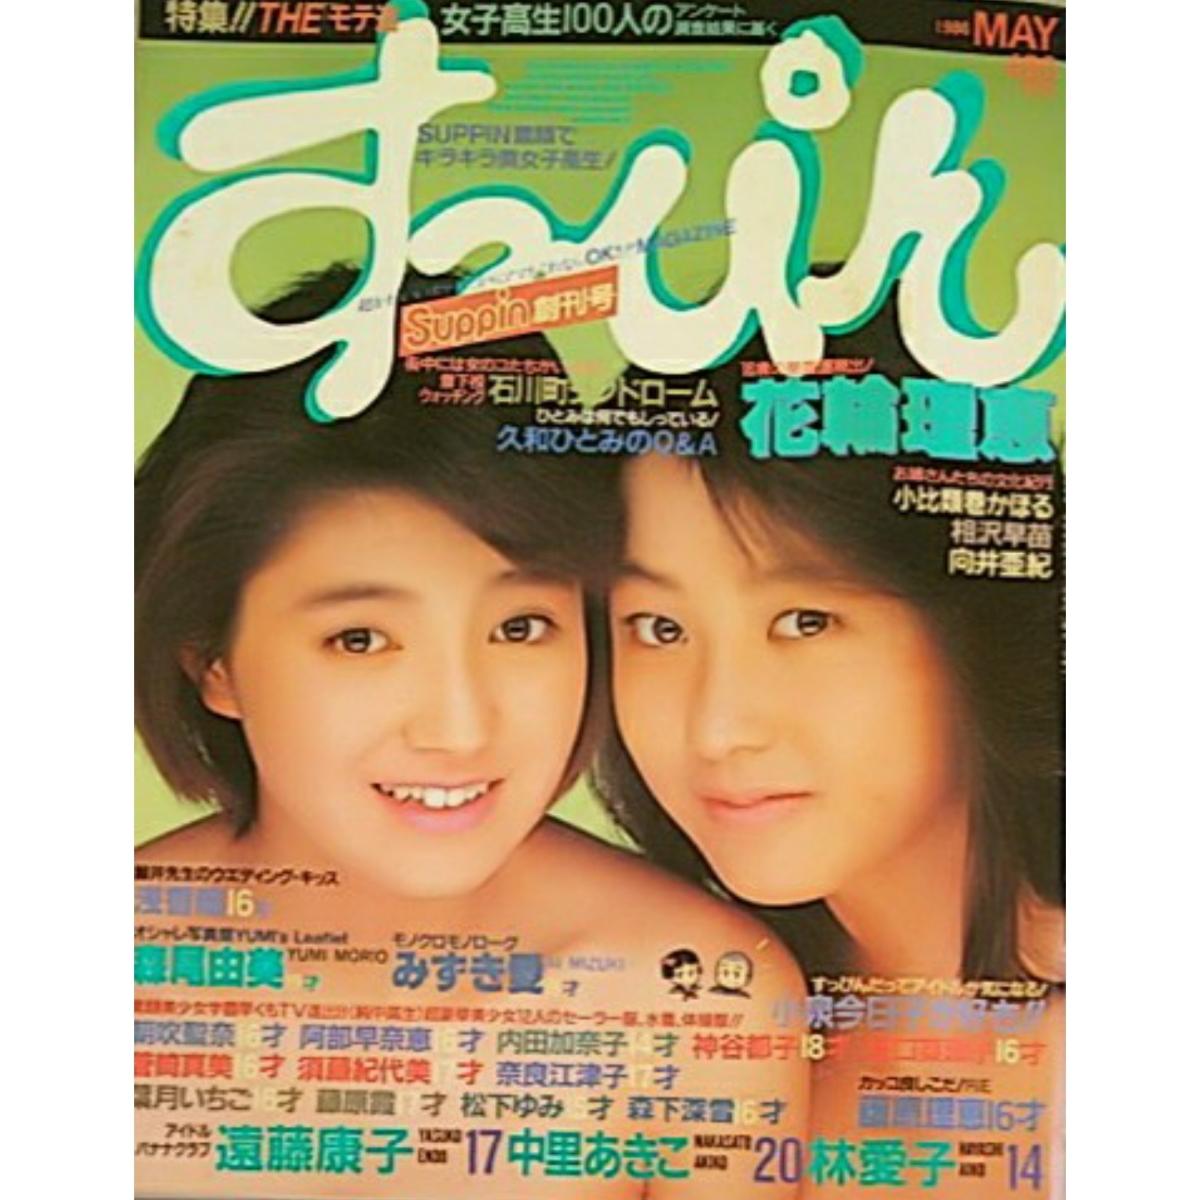 雑誌】すっぴん/Suppin 1986年5月号 (創刊号) 花輪理恵 森尾由美 大塚 ...